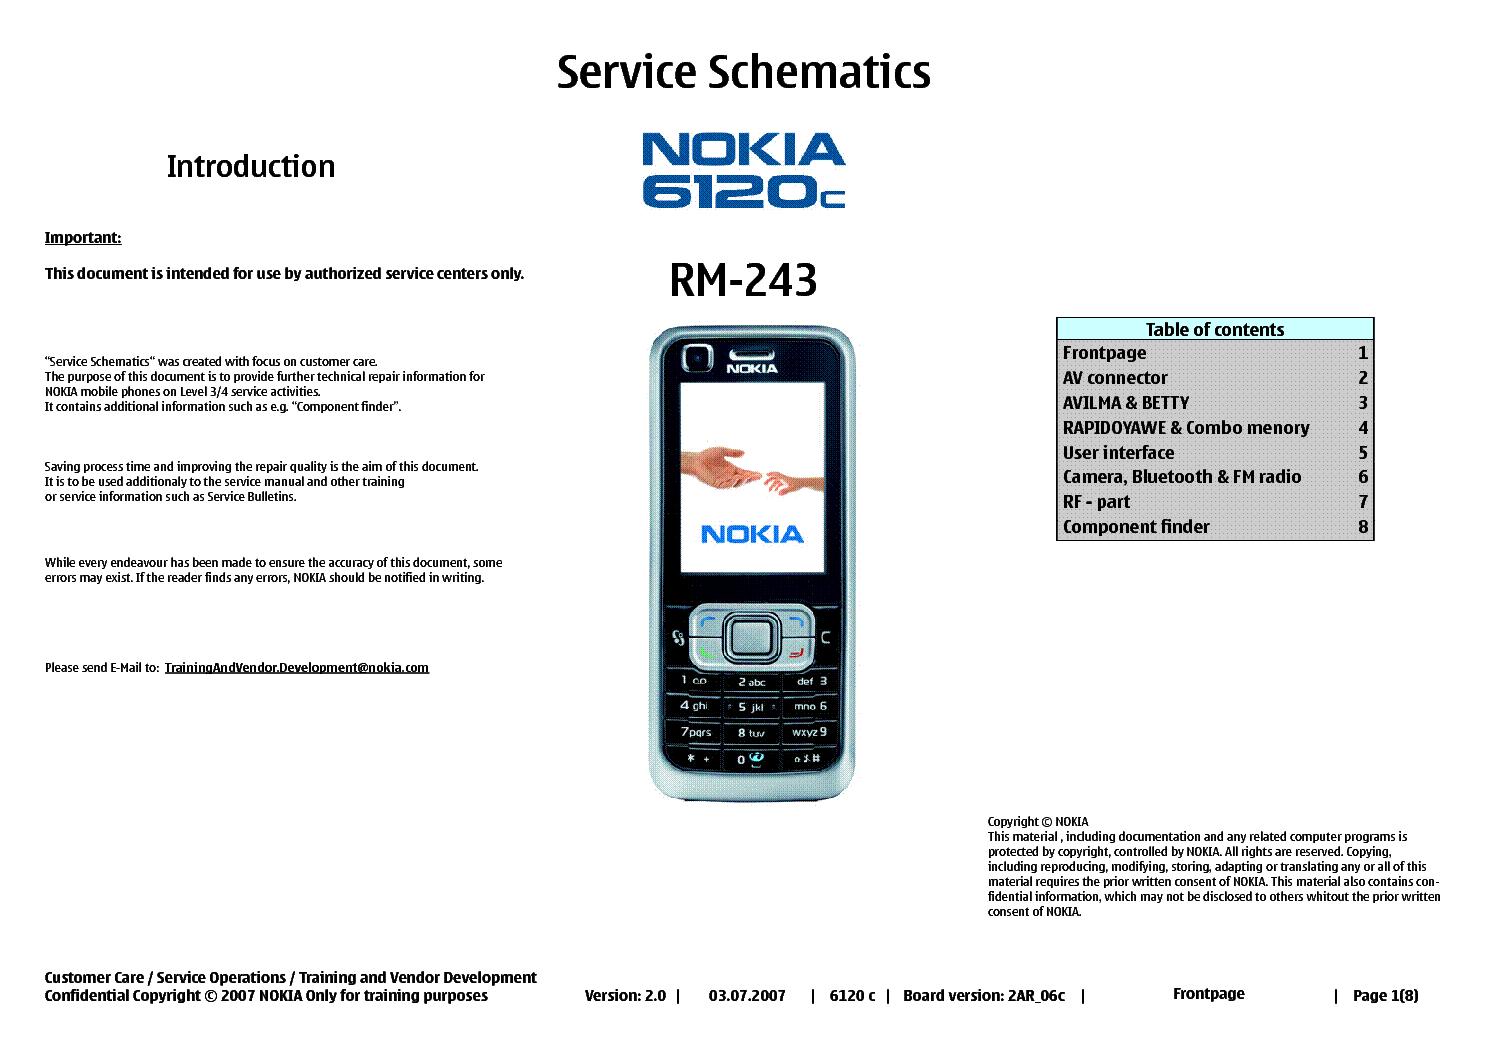 6120c rm 243 7.20